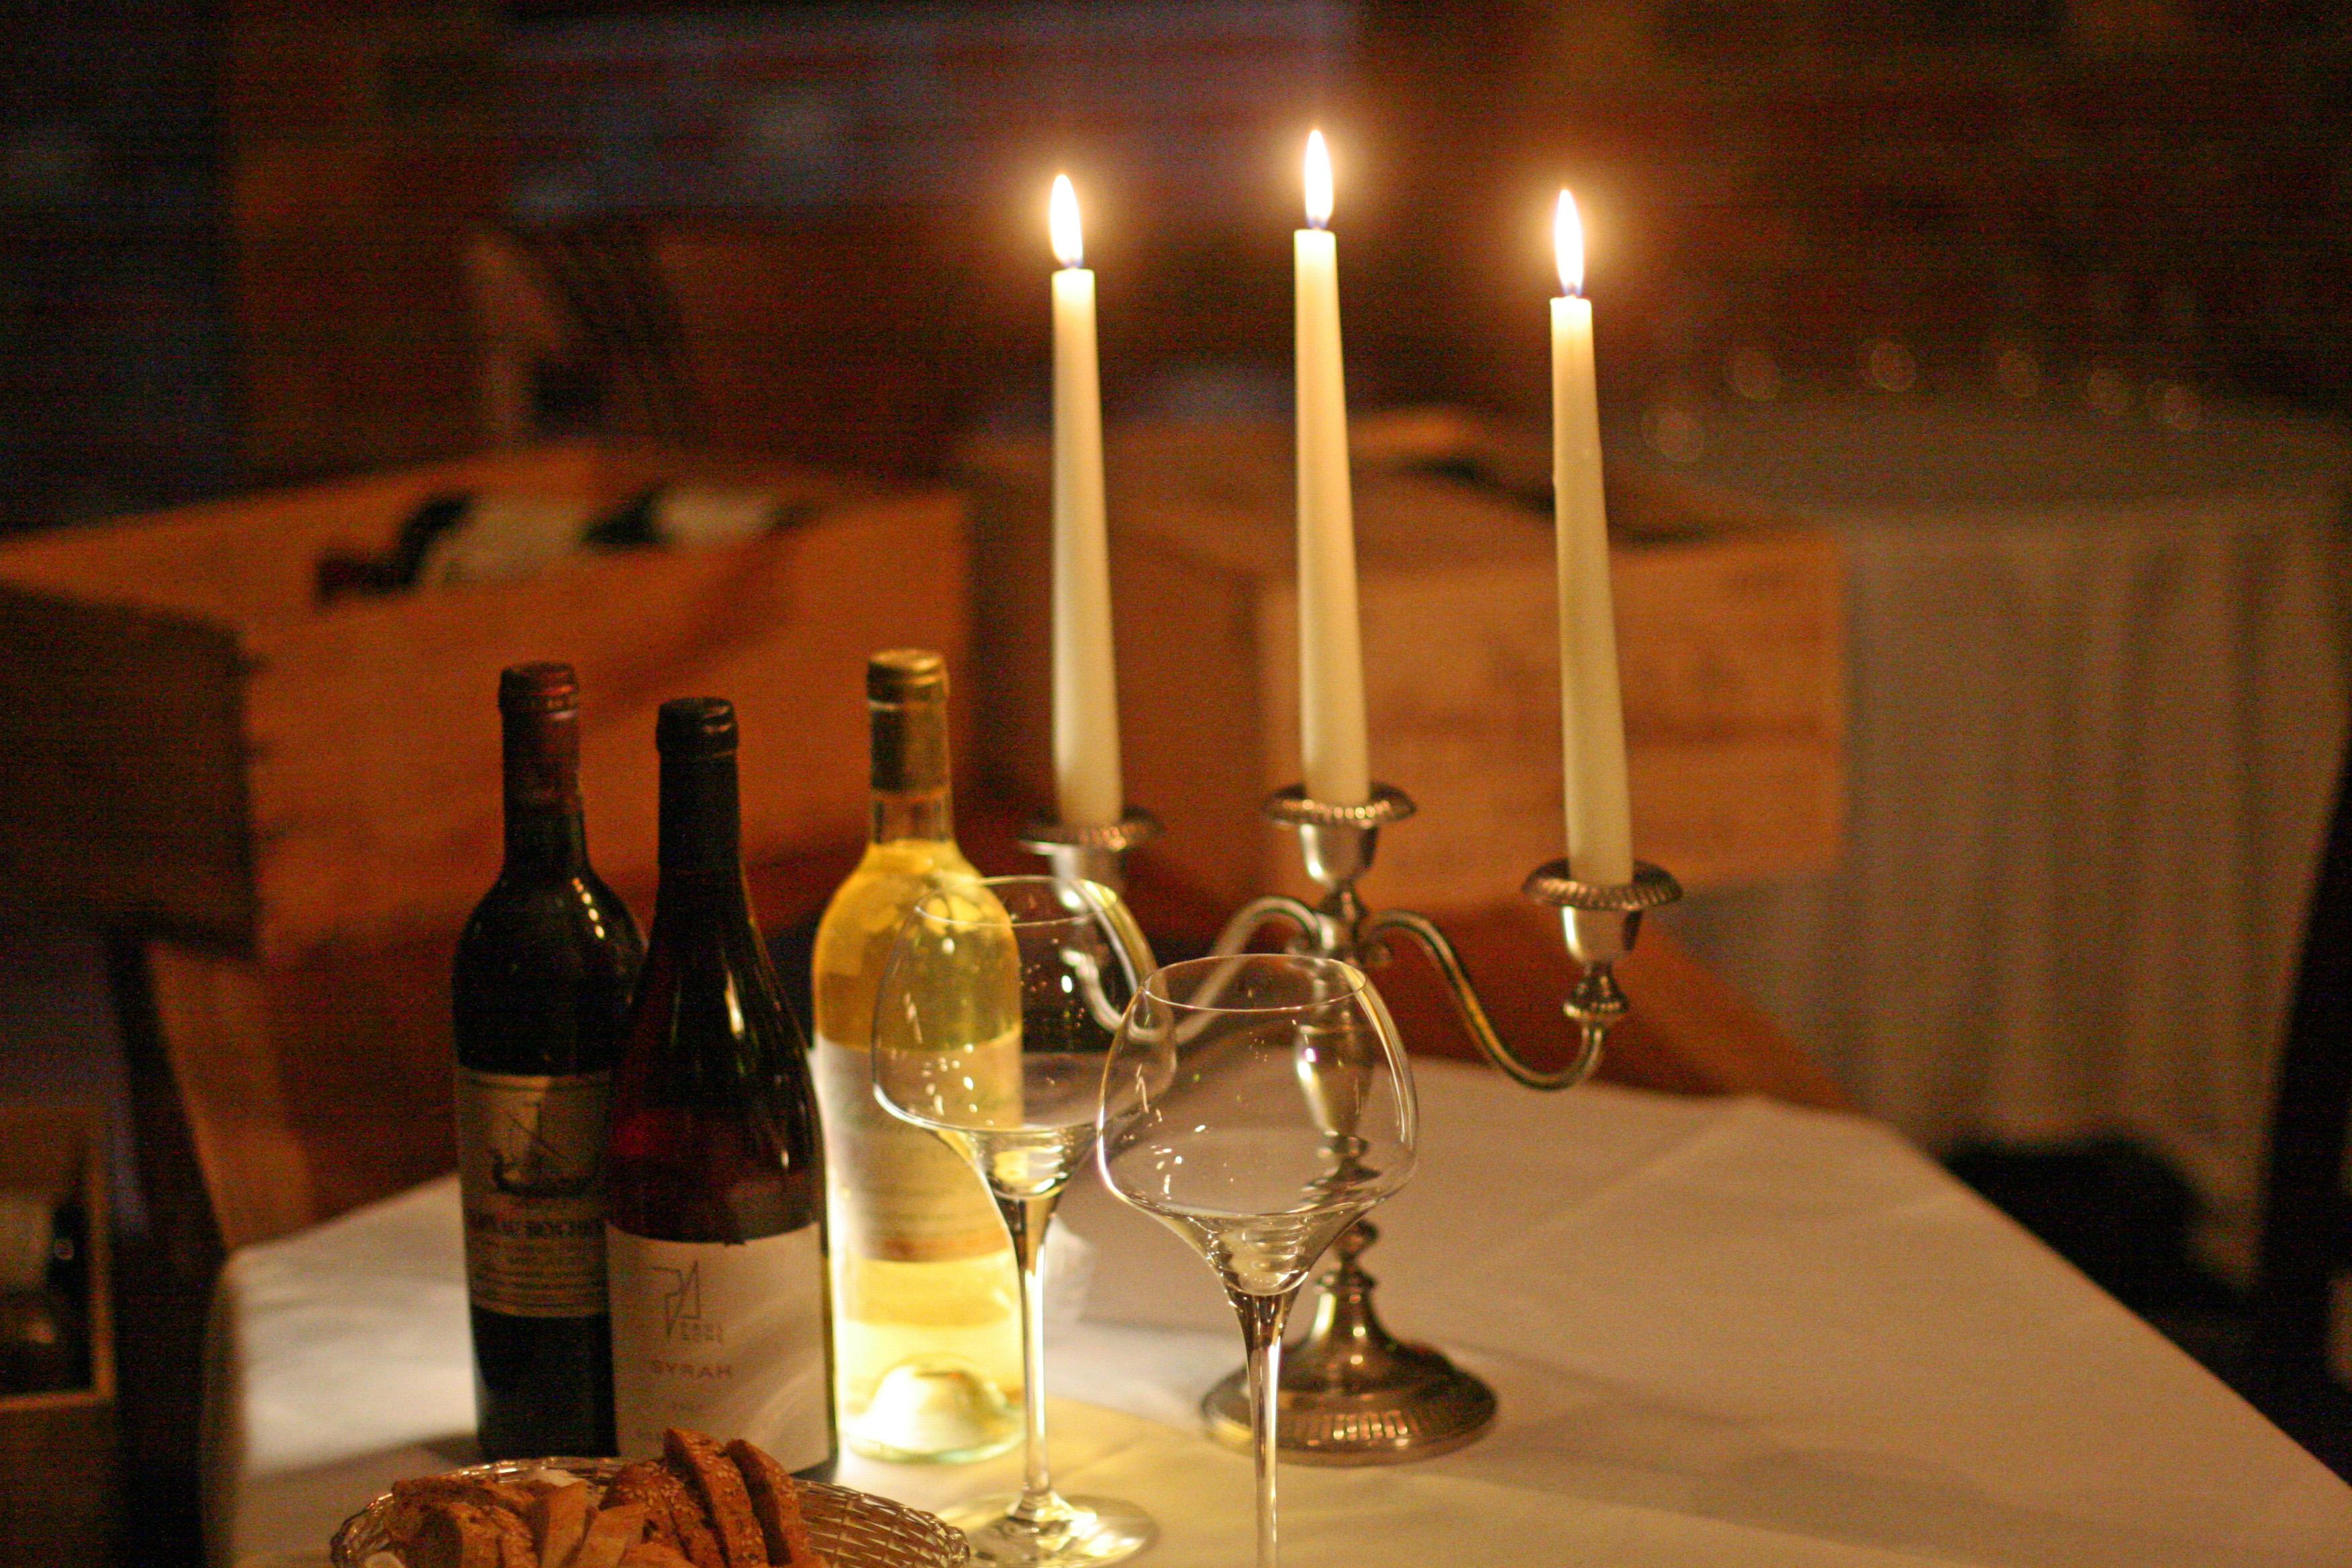 Der Weinkeller bei Kerzenschein